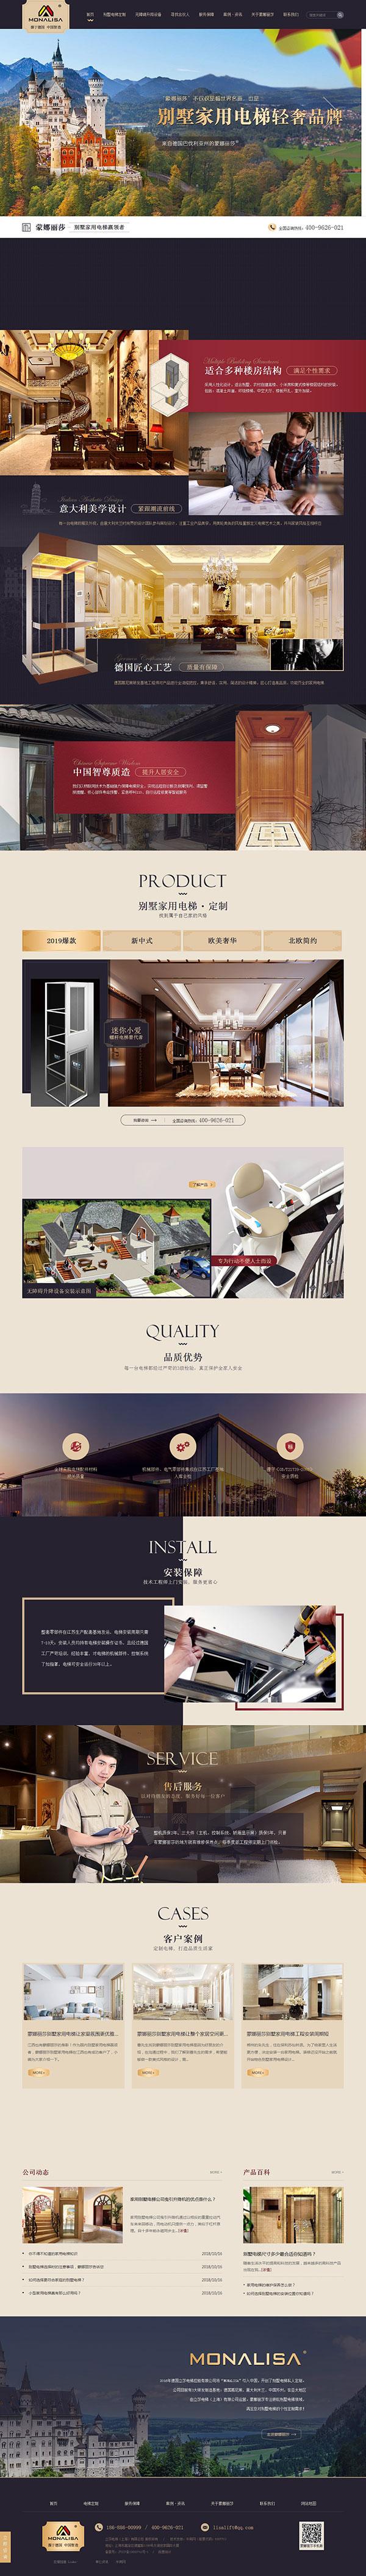 蒙娜丽莎别墅家用电梯-龙8国际龙88型龙8国际官网首页页面